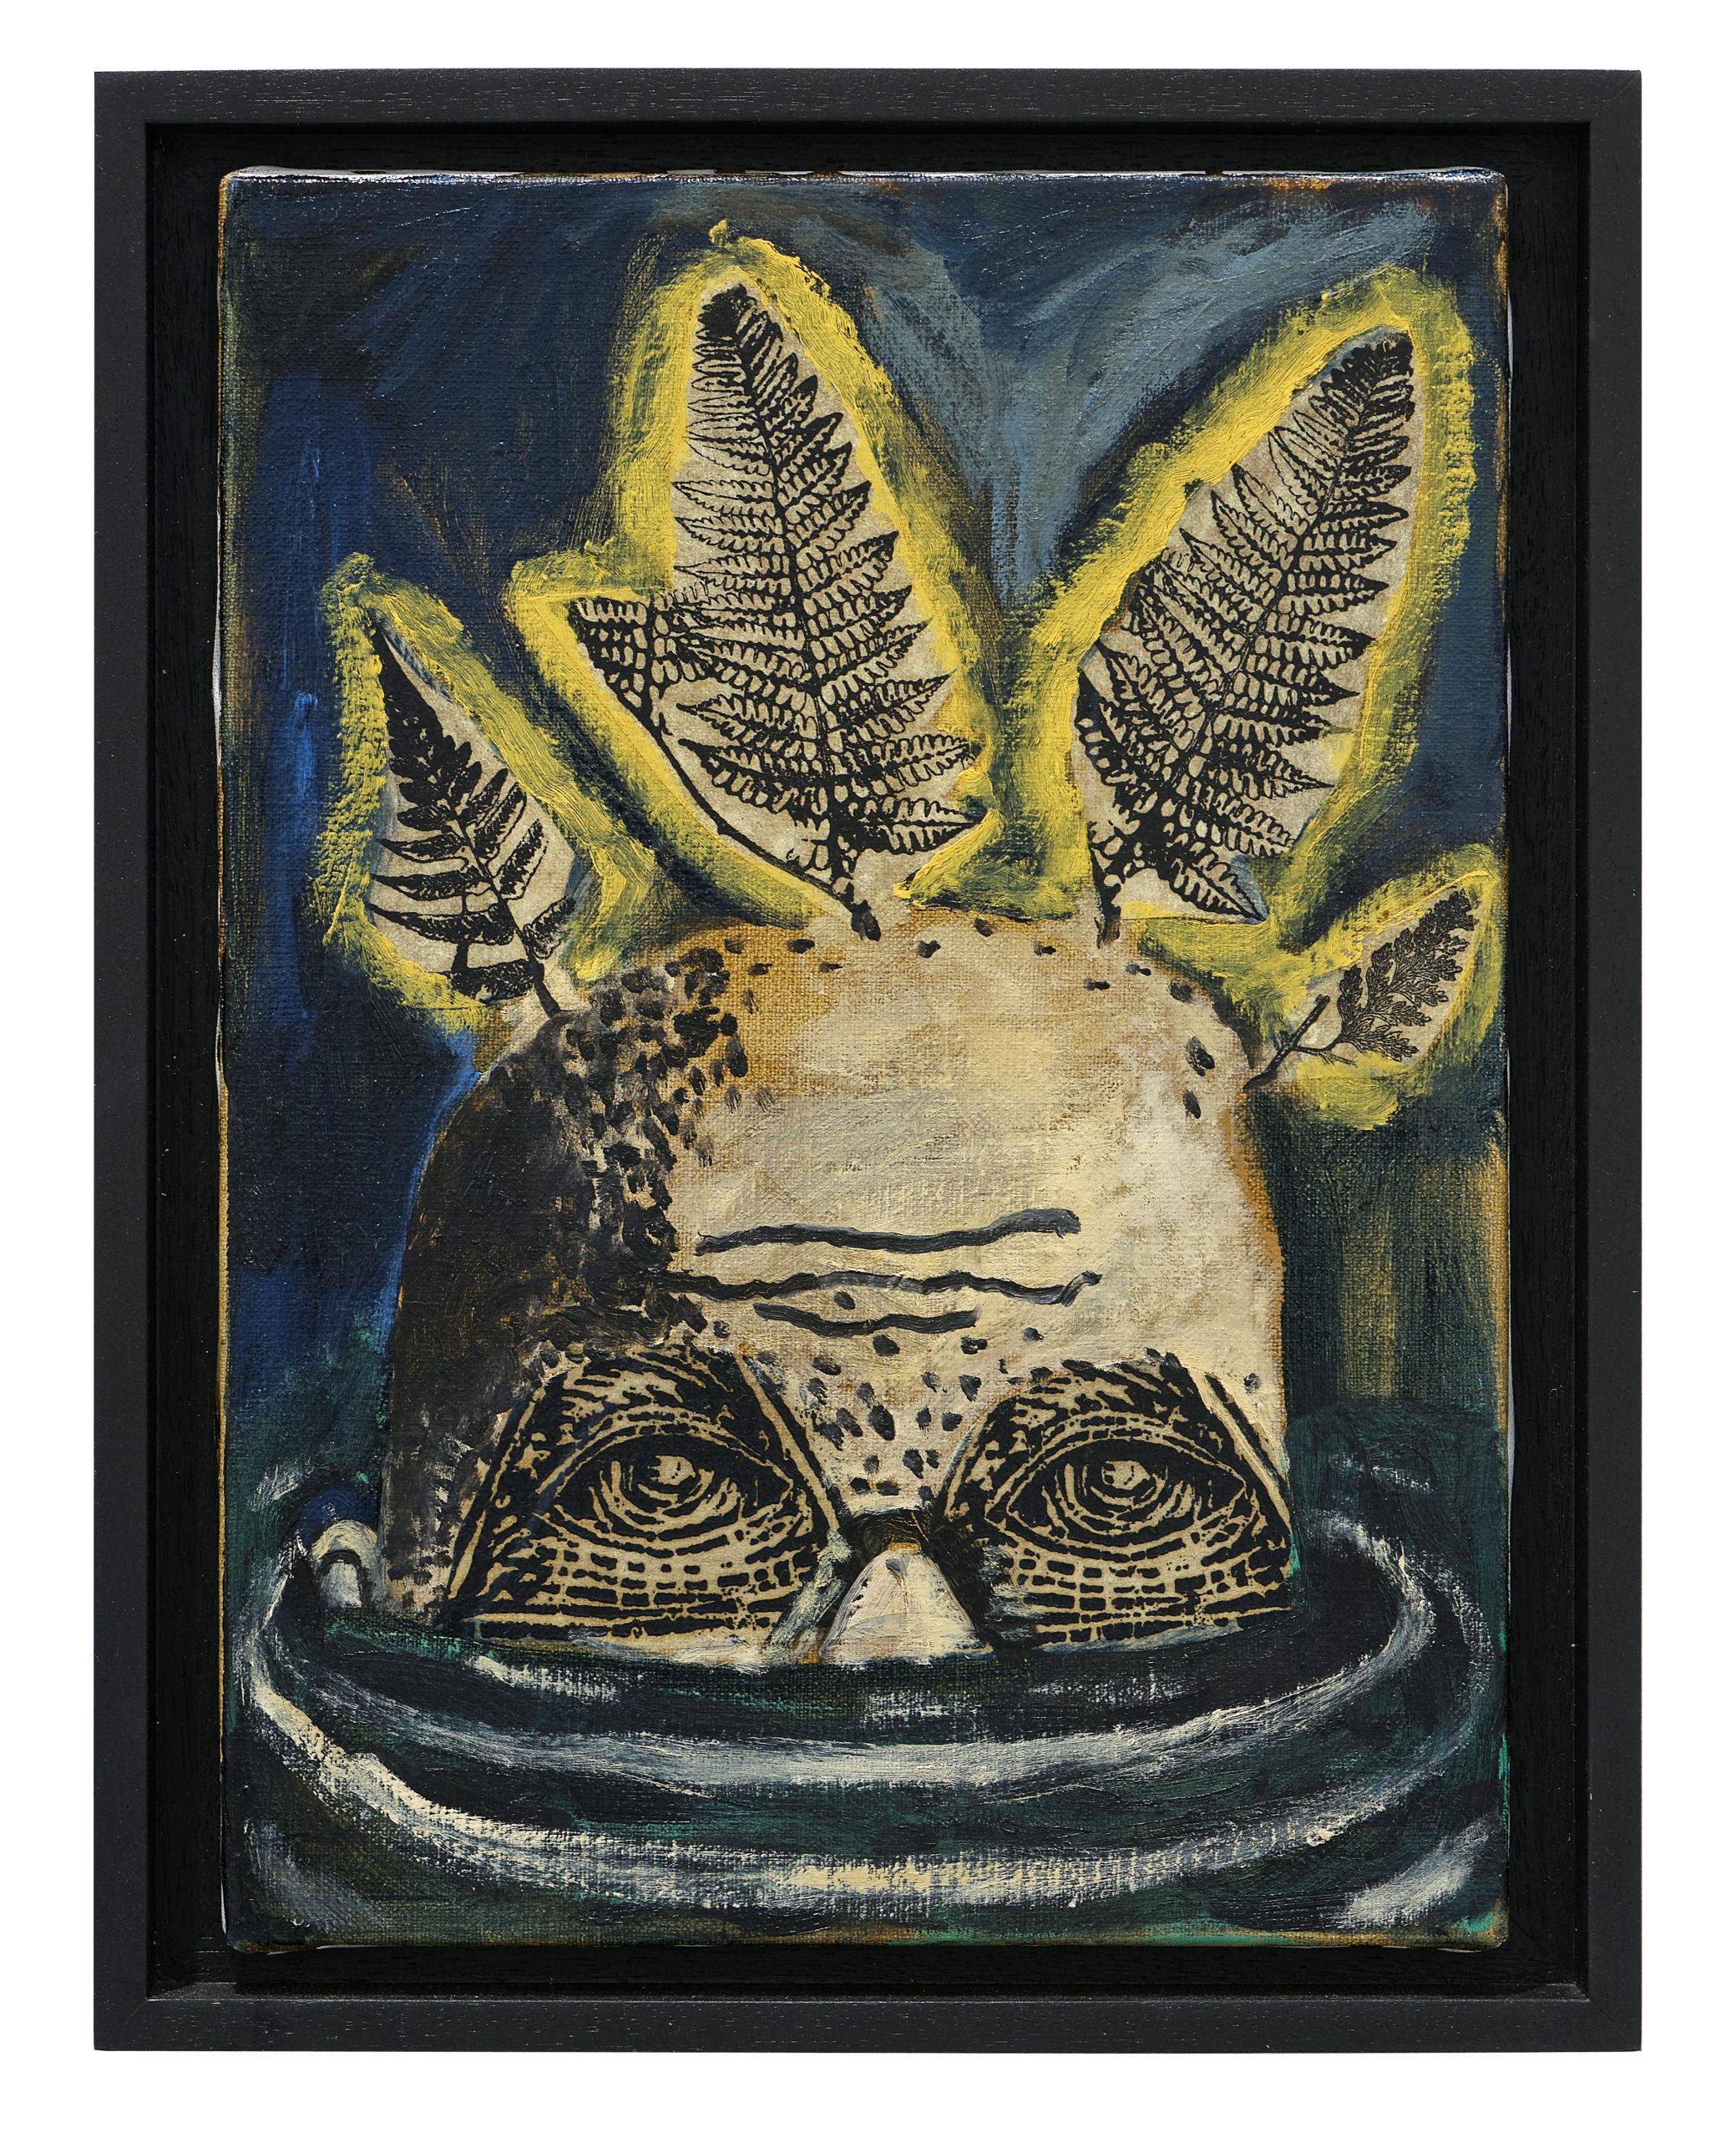 Damien Deroubaix, Le printemps, 2018, huile et collage sur toile, 37 x 29 cm © Blaise Adilon, MAMC+ Saint-Etienne : Adagp, Paris, 2020, courtesy de l'artiste et galerie In Situ – fabienne leclerc, Grand Paris